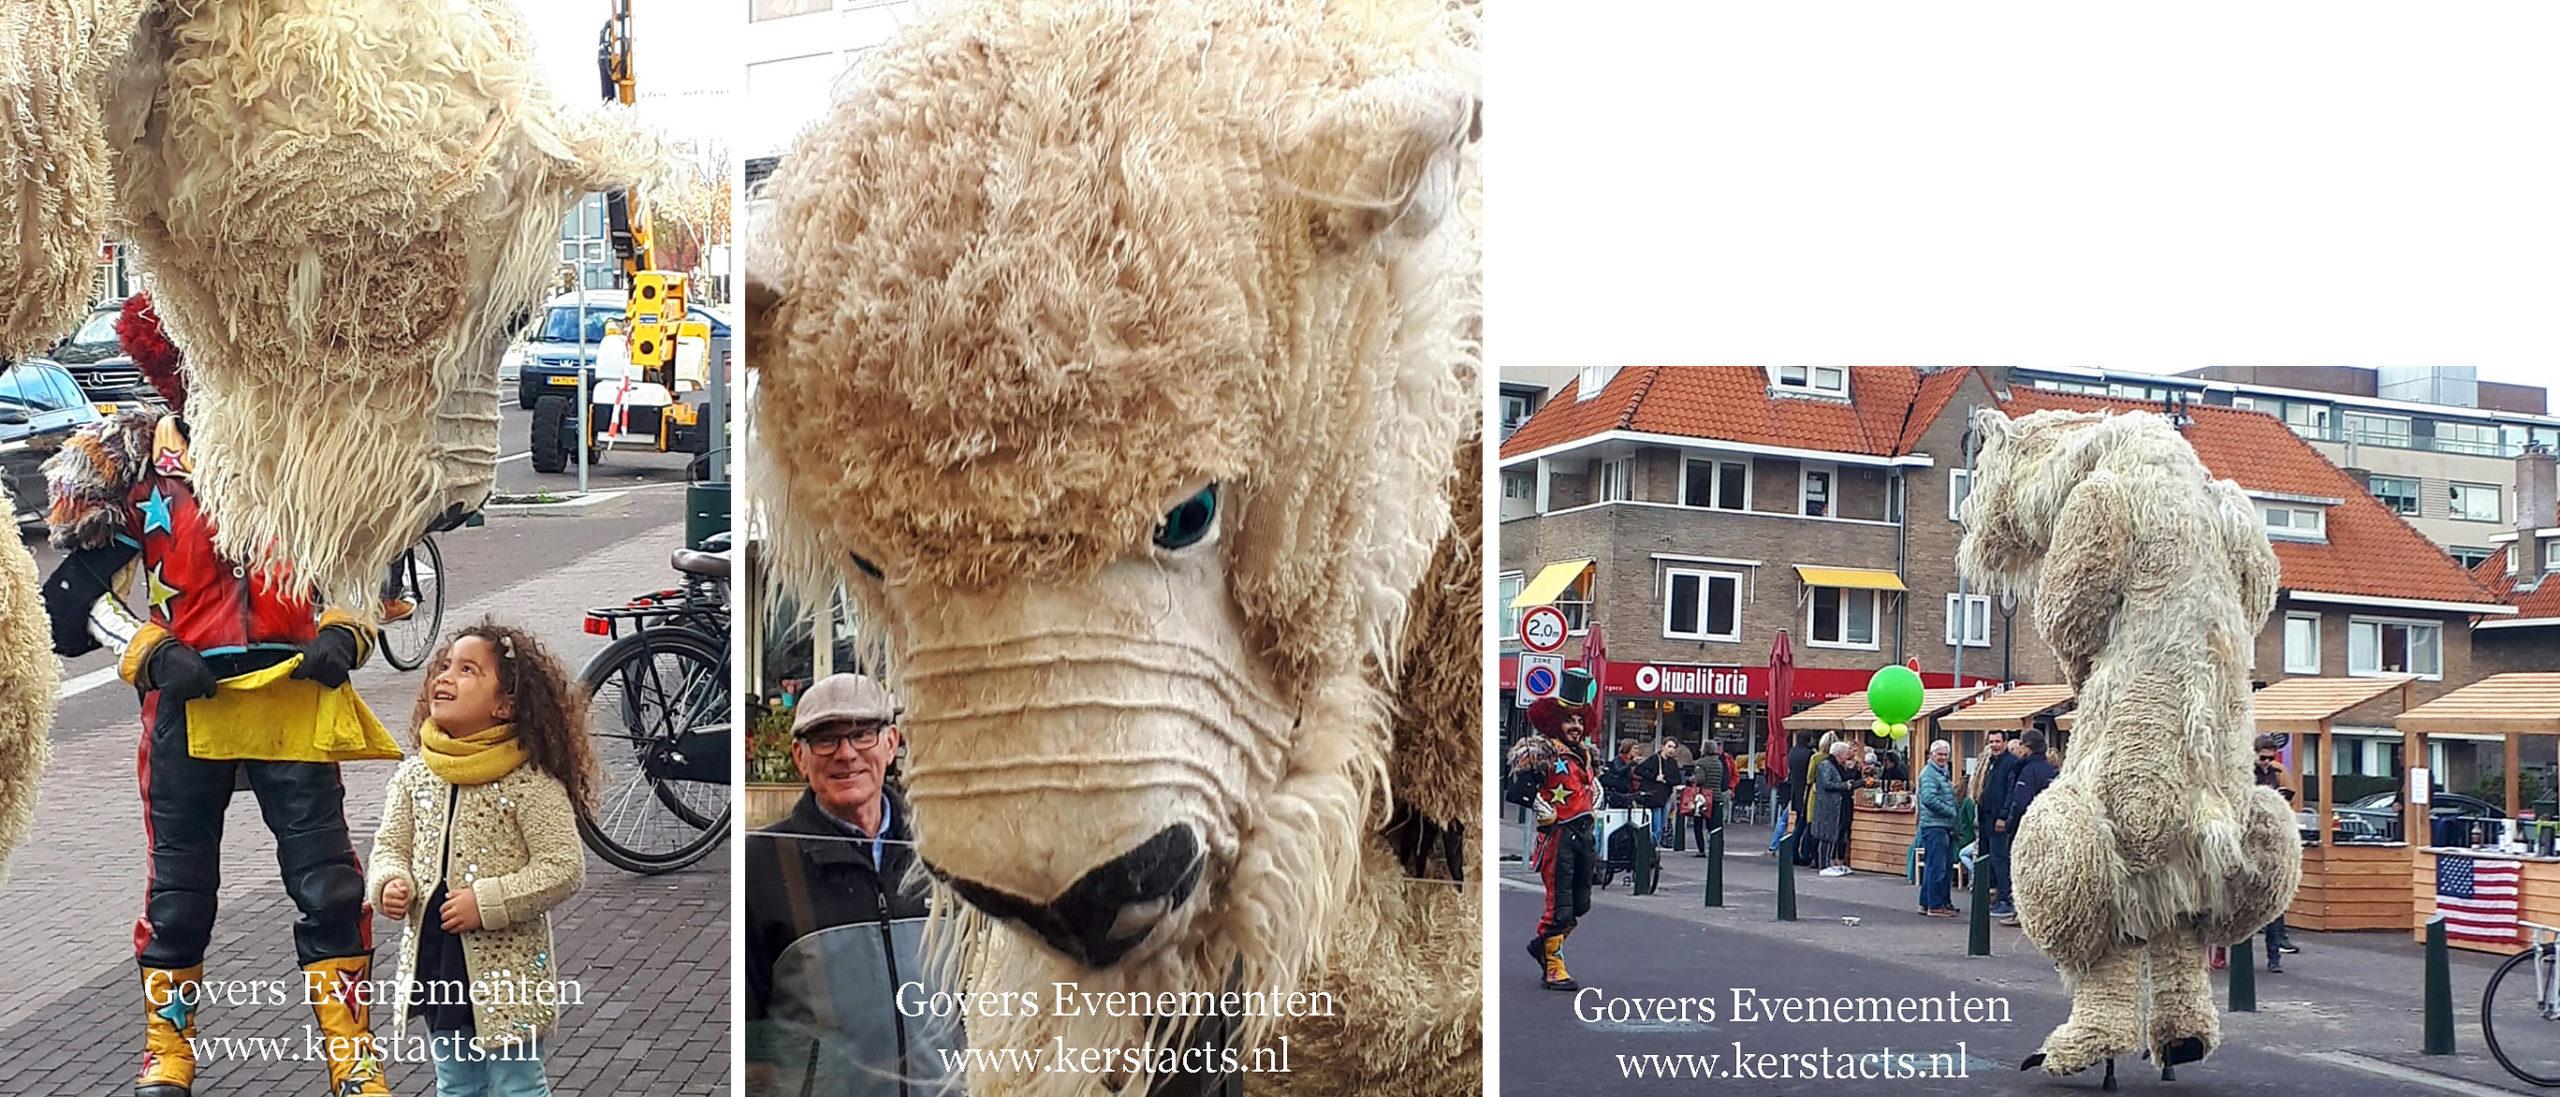 Straattheater, dierentuin, theater met dieren, artiesten boeken, theater voor kinderen, steltenact, dierenvriendelijk, ijsbeer, themafeest, thema act, Govers Evenementen, www.goversartiesten.nl